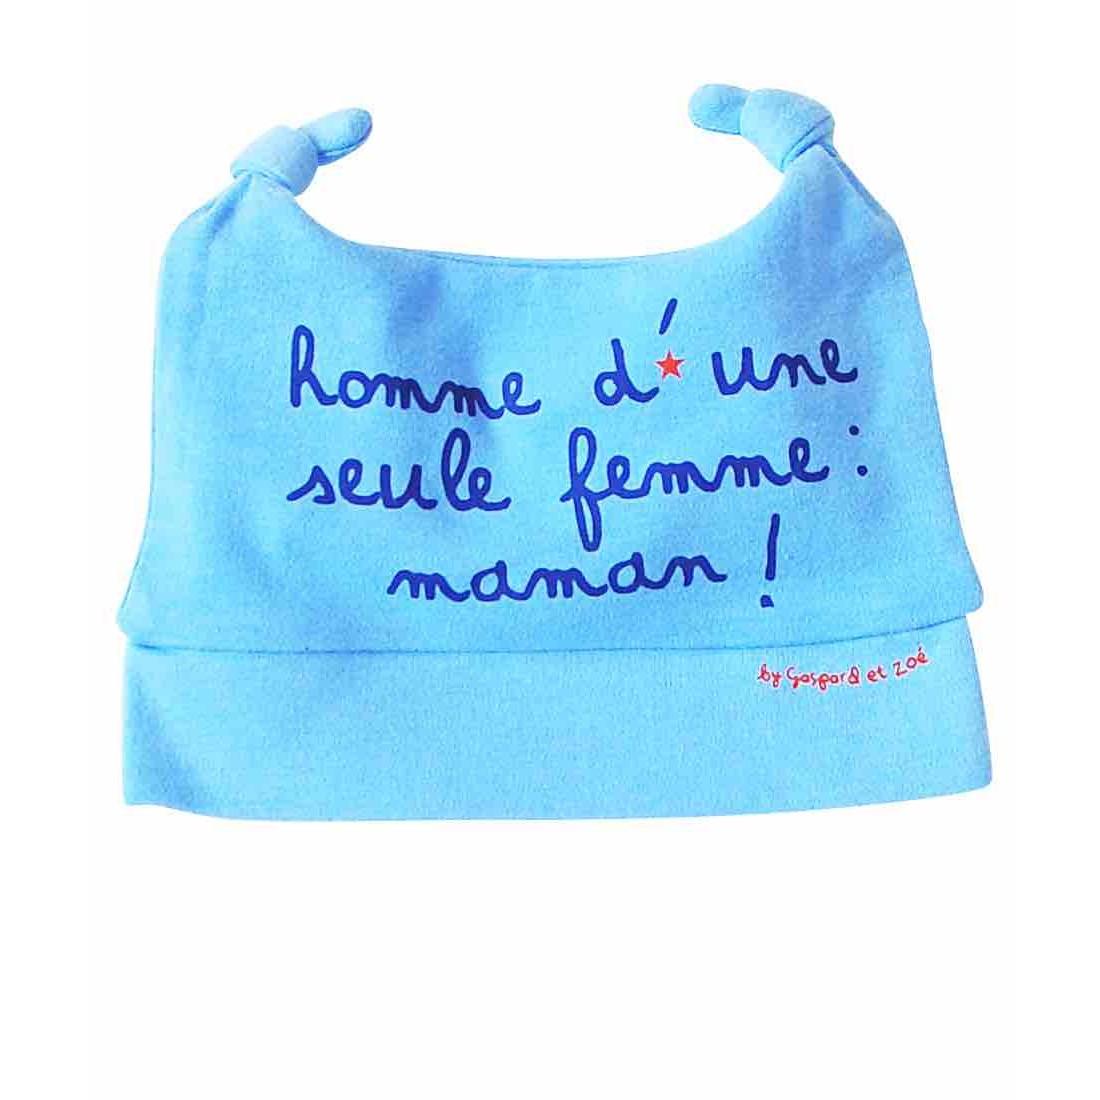 Bonnet bébé garçon HOMME D'UNE SEULE FEMME ... MAMAN